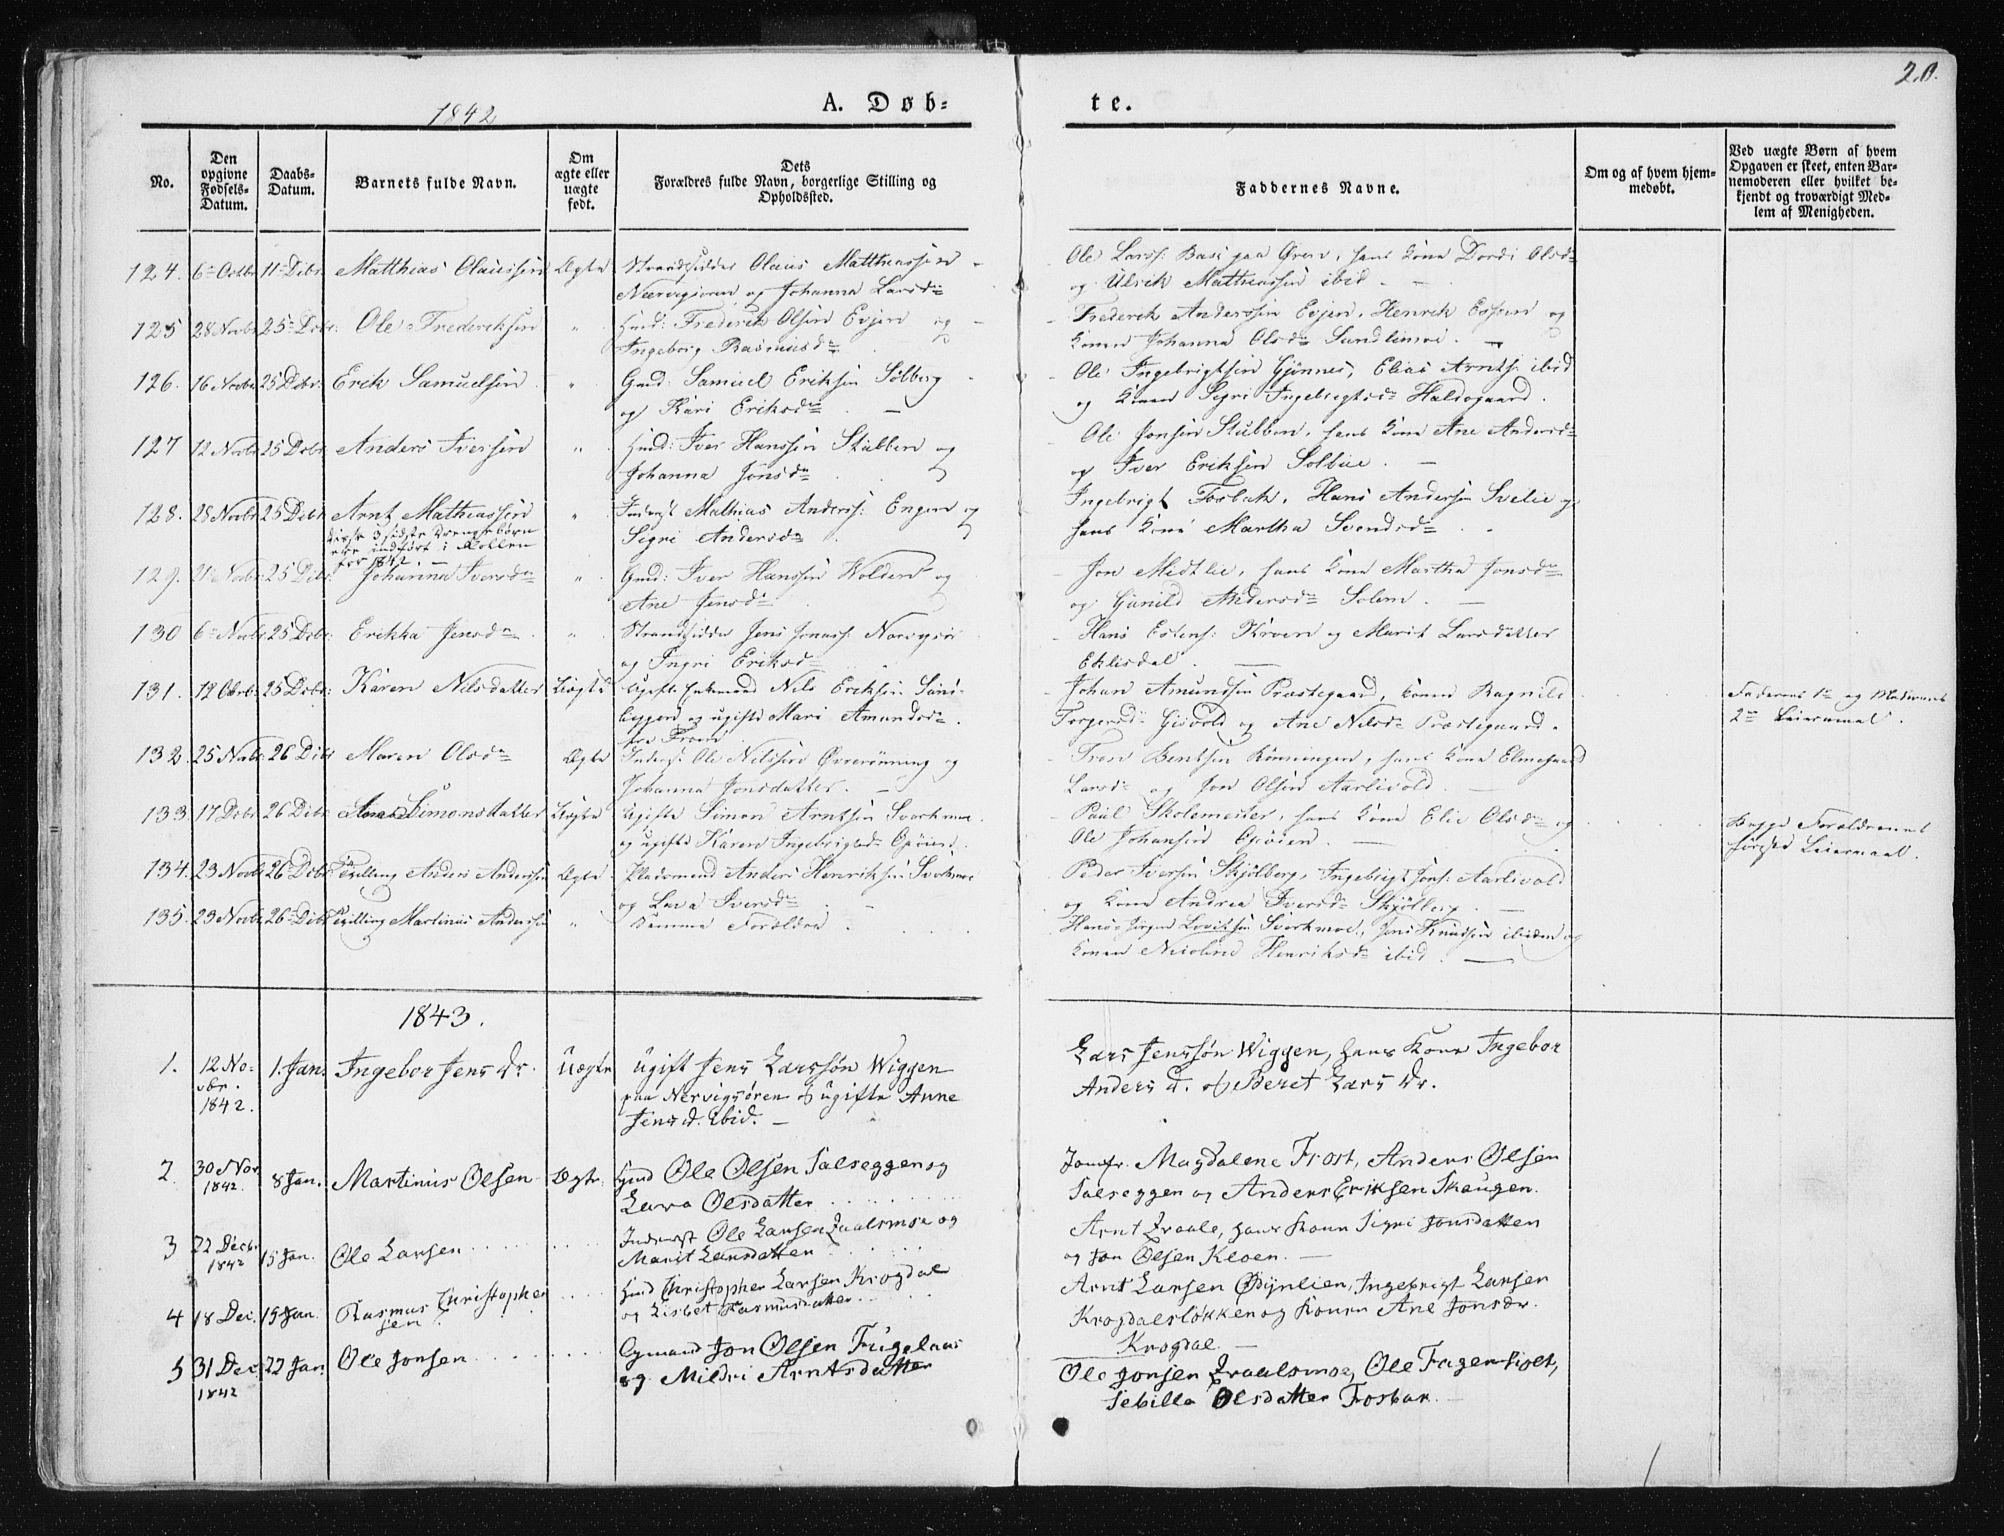 SAT, Ministerialprotokoller, klokkerbøker og fødselsregistre - Sør-Trøndelag, 668/L0805: Ministerialbok nr. 668A05, 1840-1853, s. 20